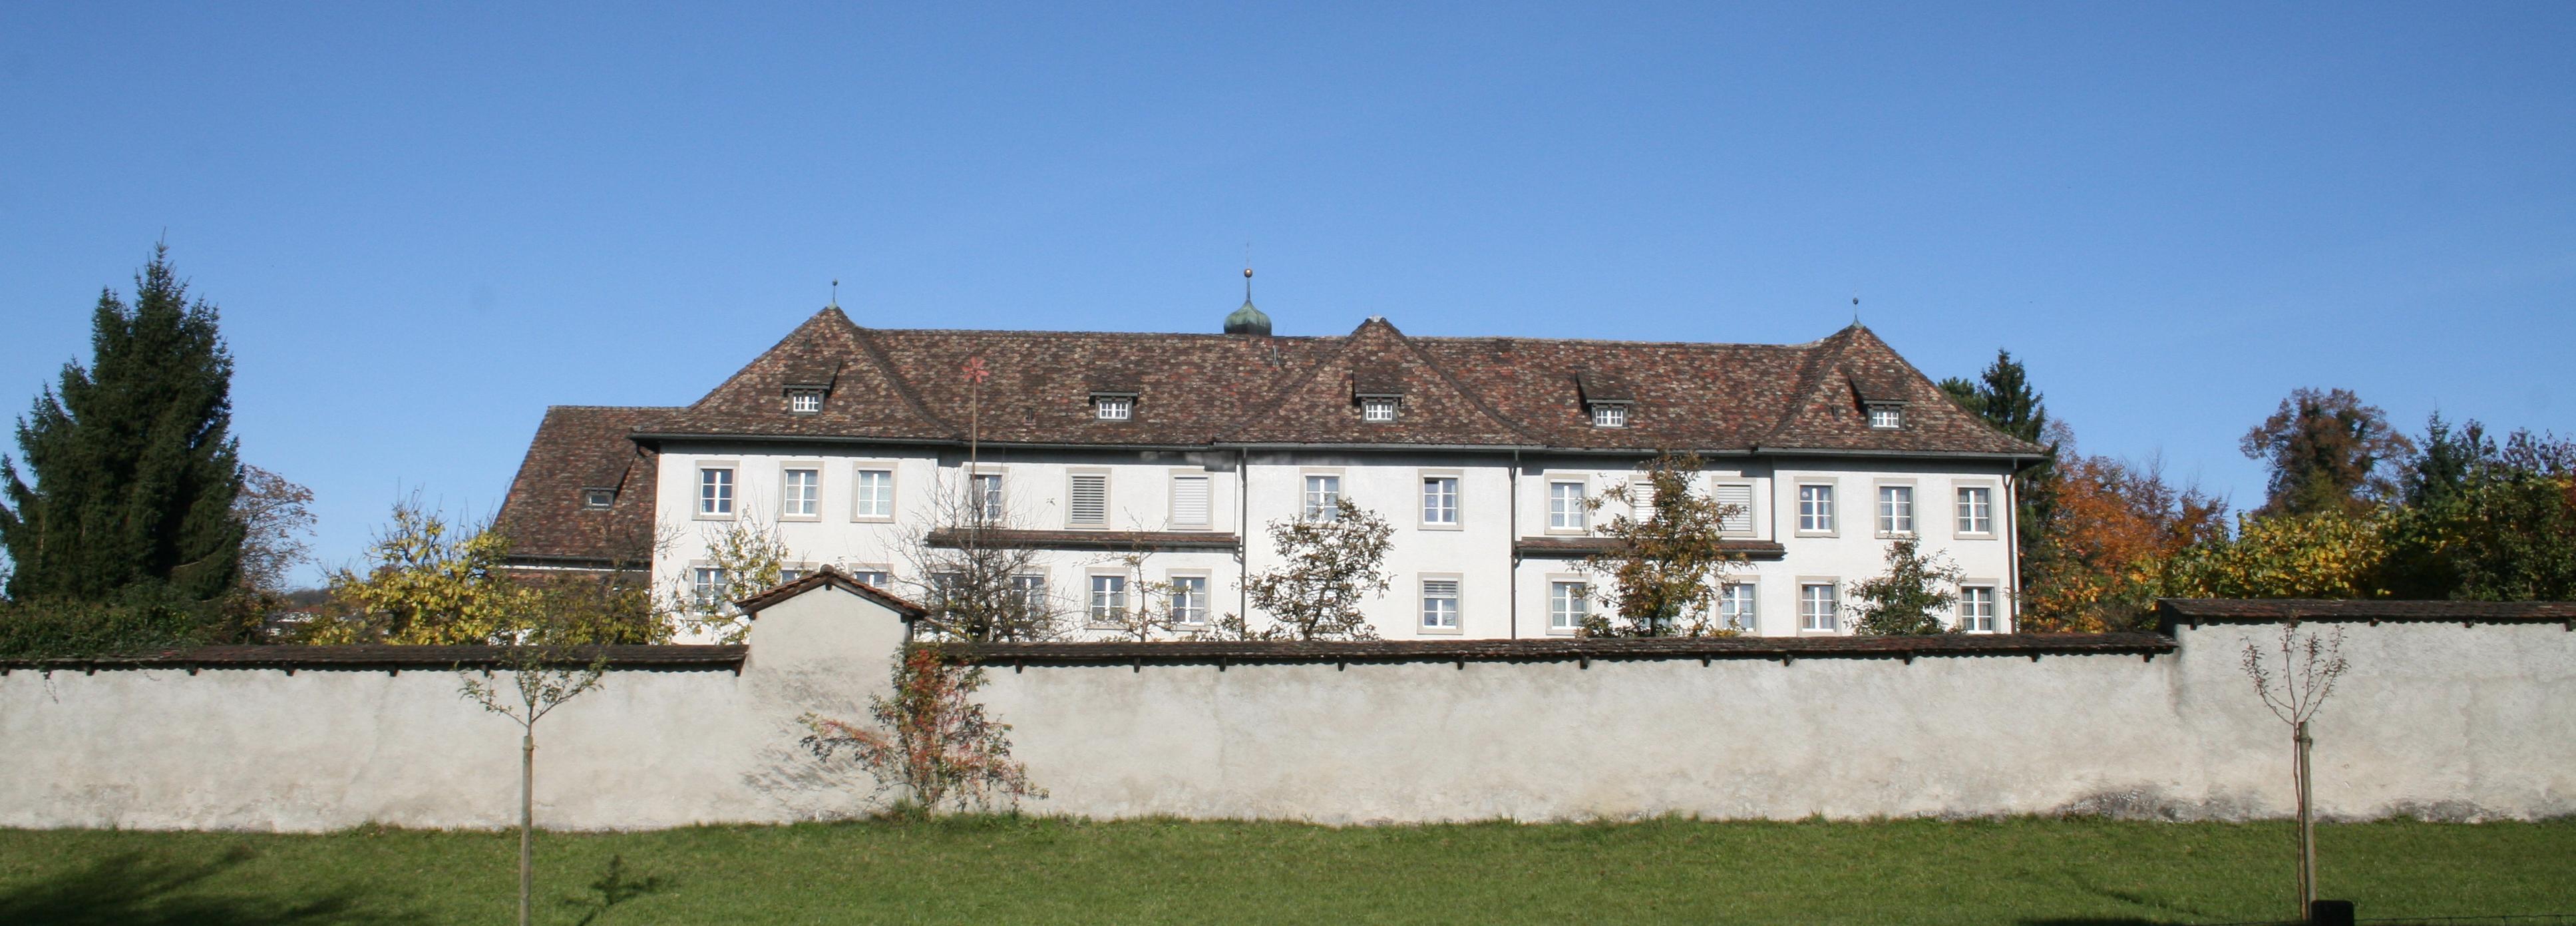 Kapuzinerkloster schwyz